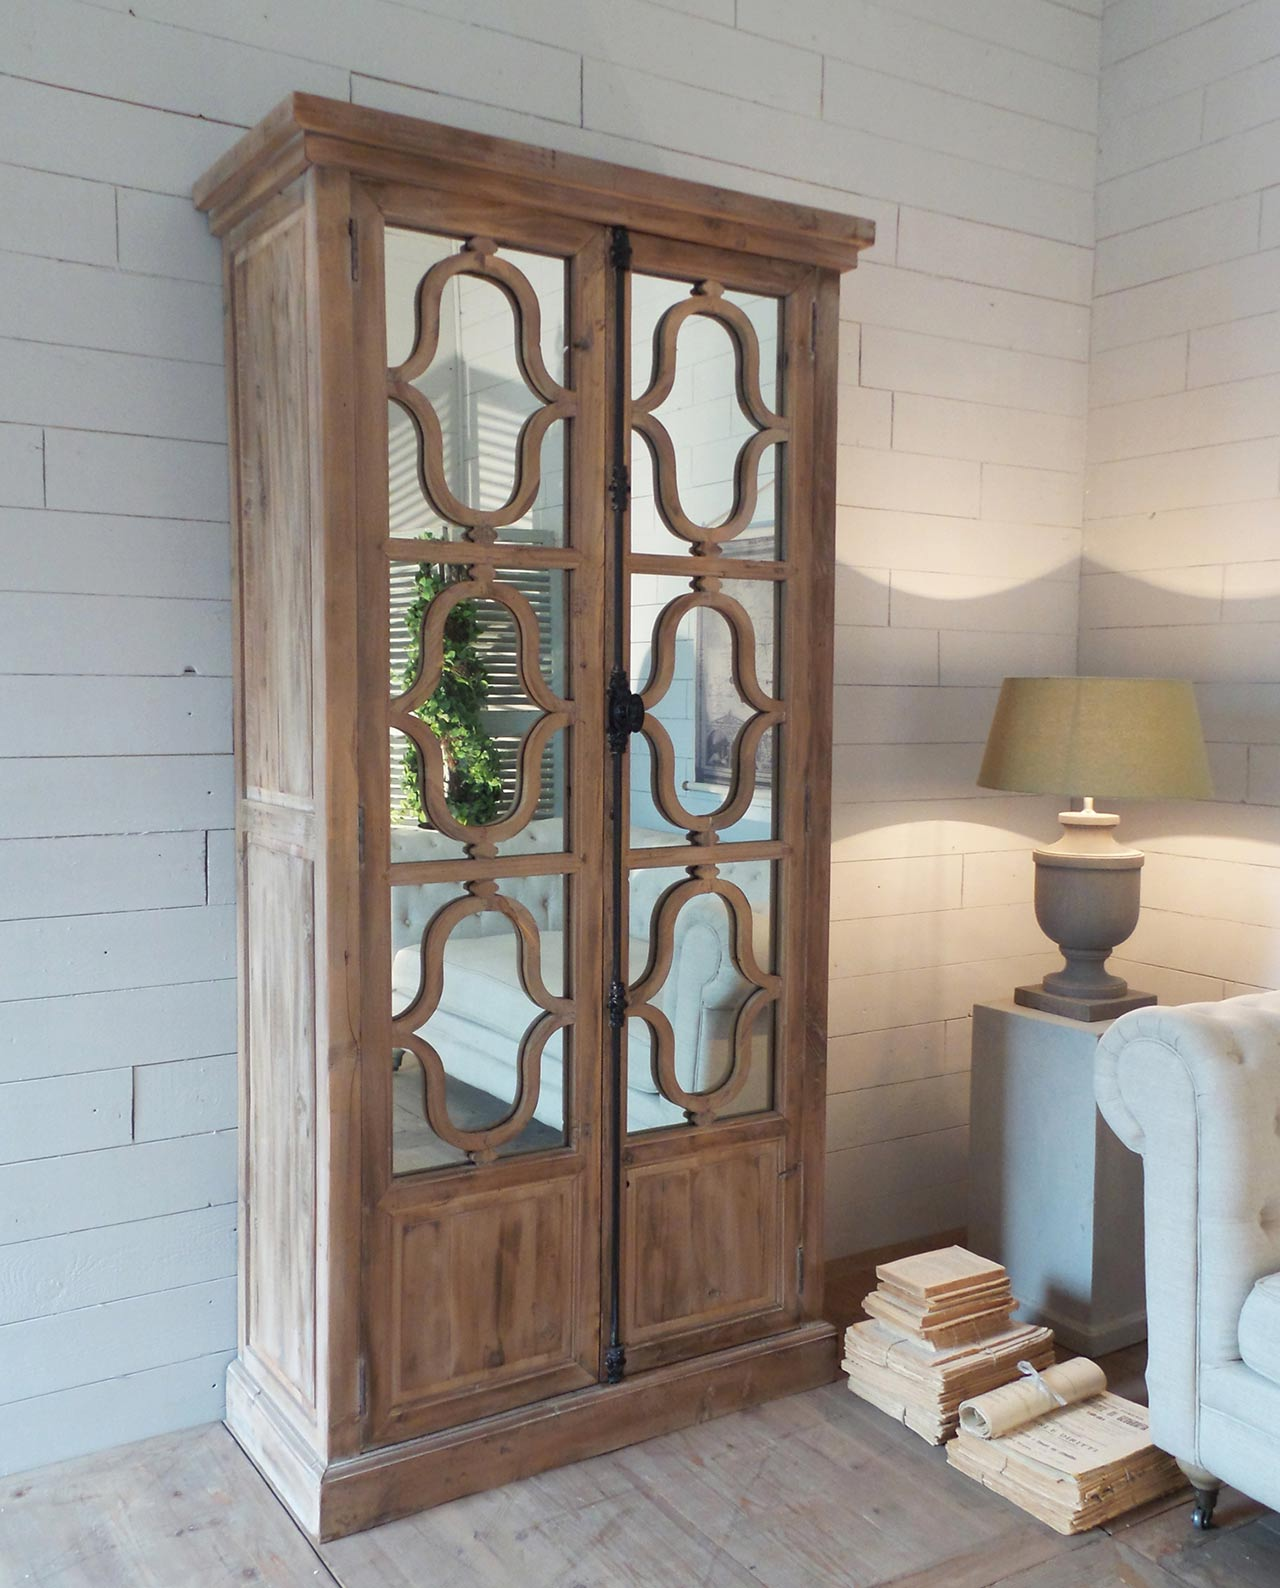 Arredamento vetrina soggiorno con specchi in legno - Specchi da soggiorno ...